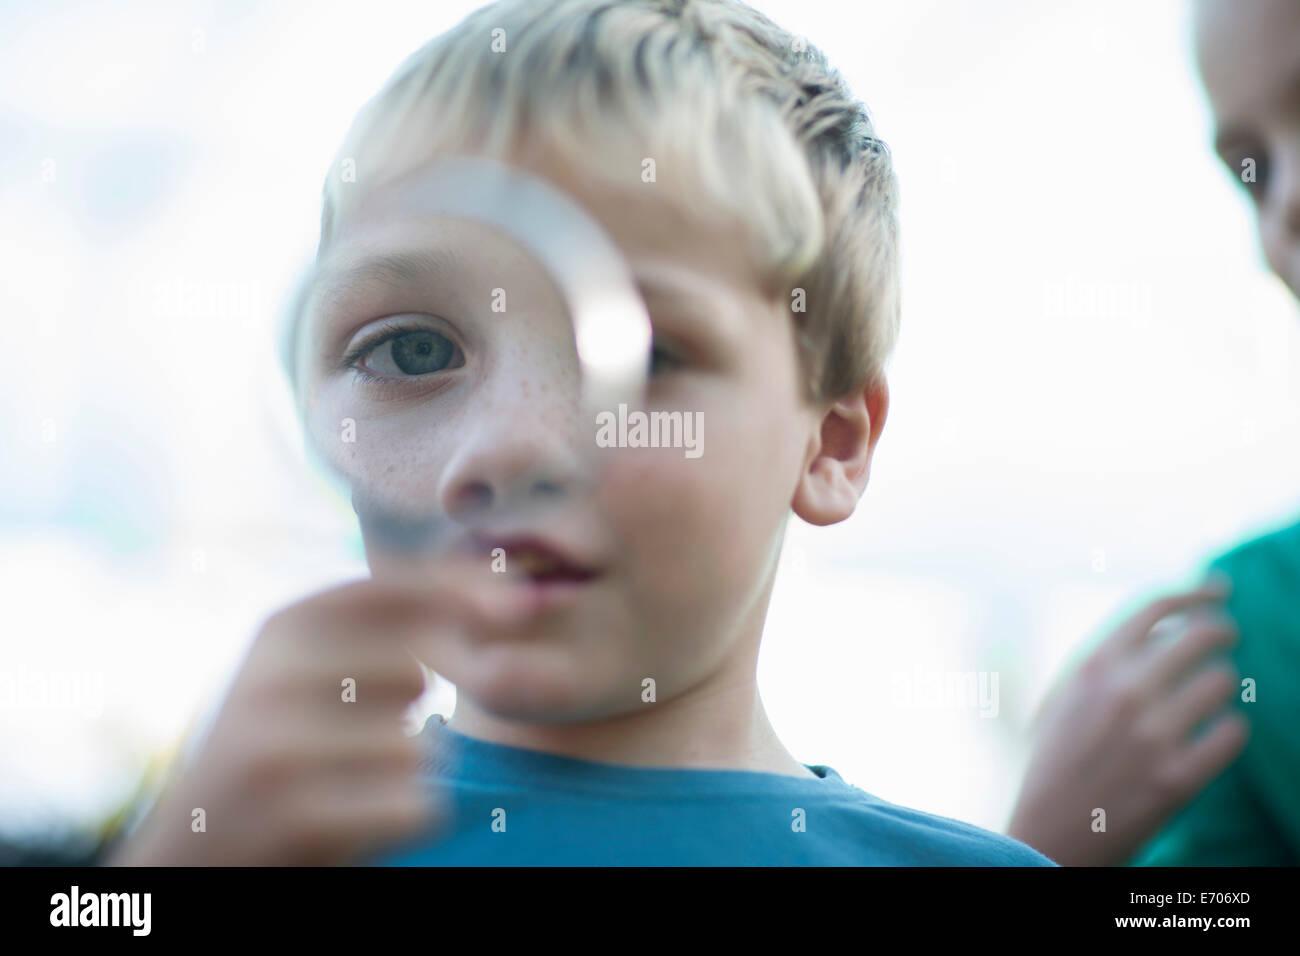 Retrato de niño sosteniendo lupa delante de los ojos Imagen De Stock